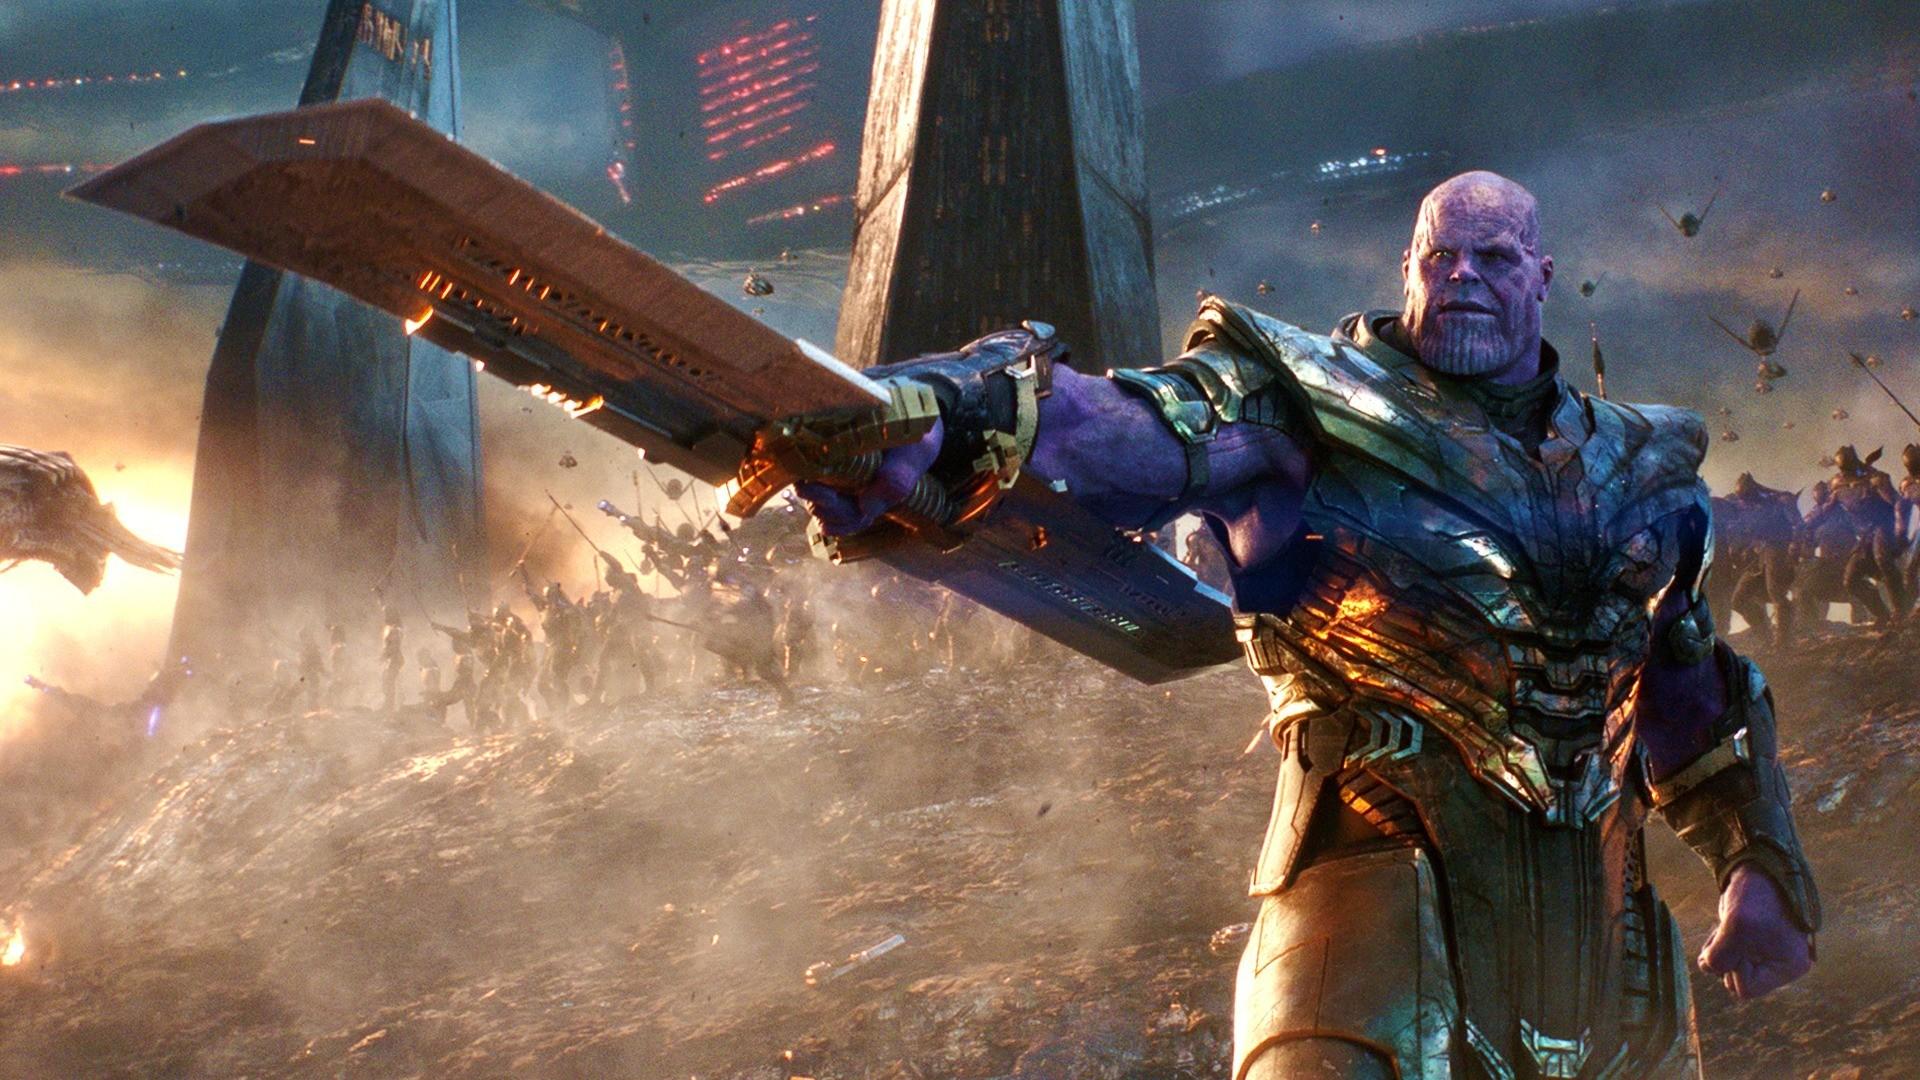 Vystrihnutá scéna z Avengers: Endgame